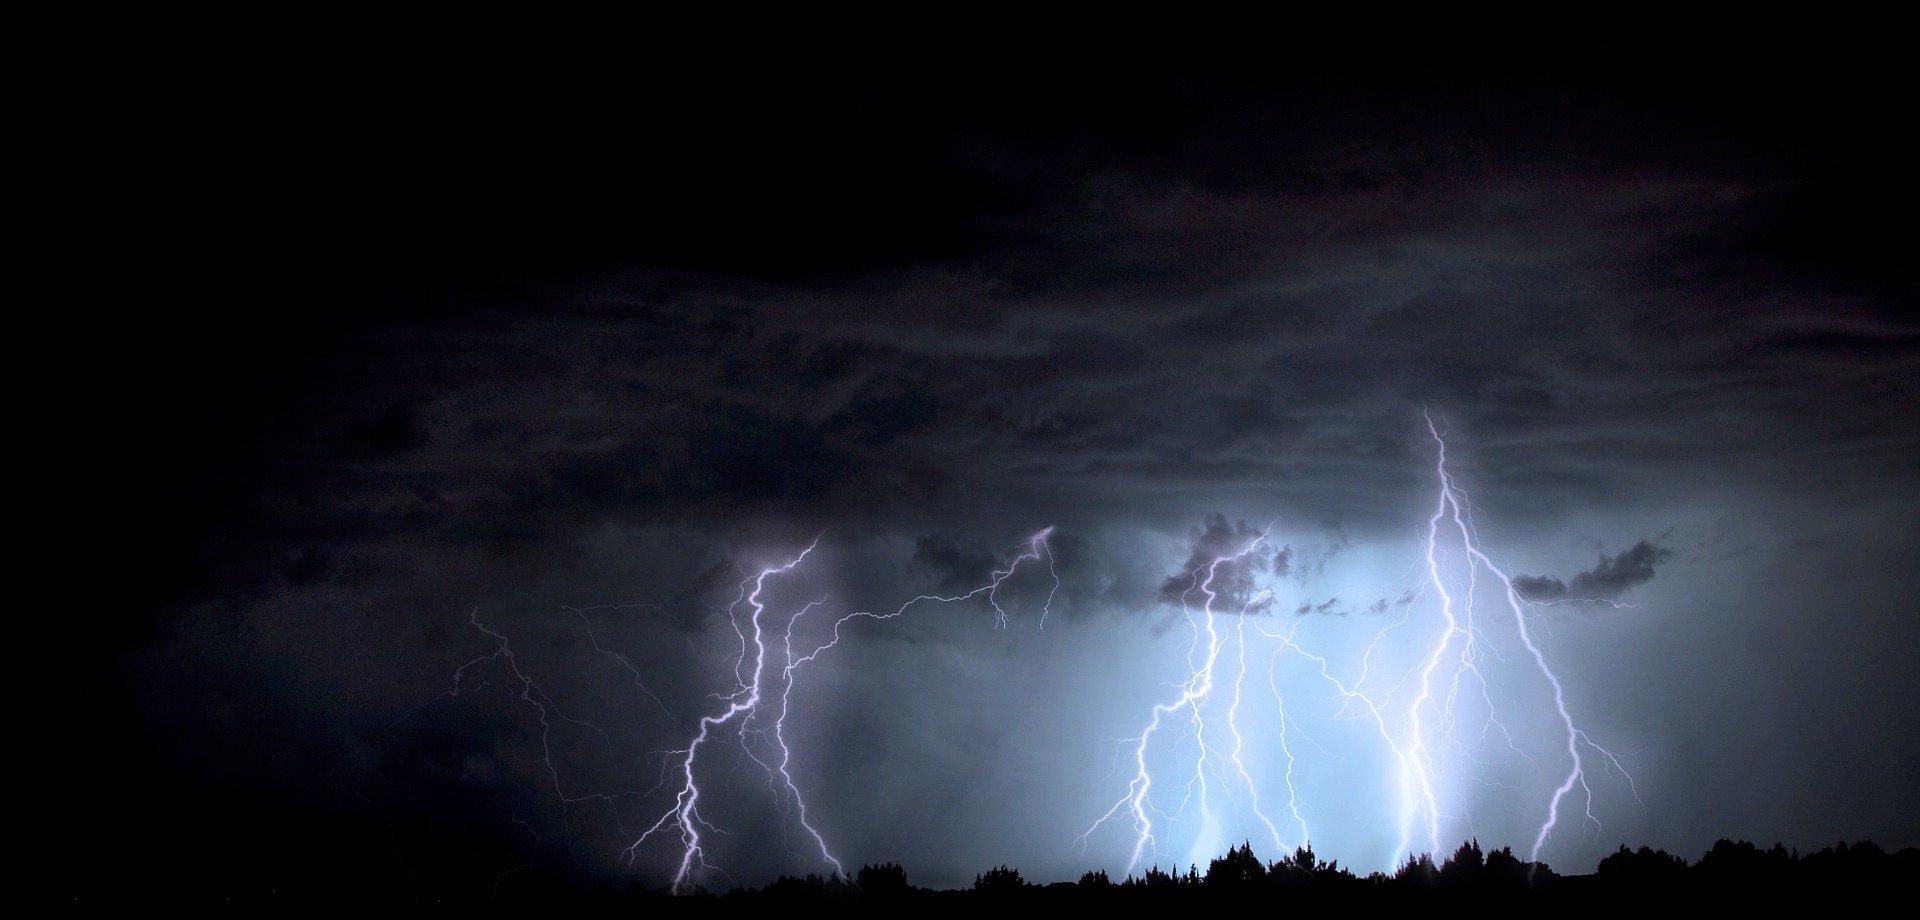 UWAGA! Załamanie pogody. Burze wichury i lokalne podtopienia!  - Zdjęcie główne